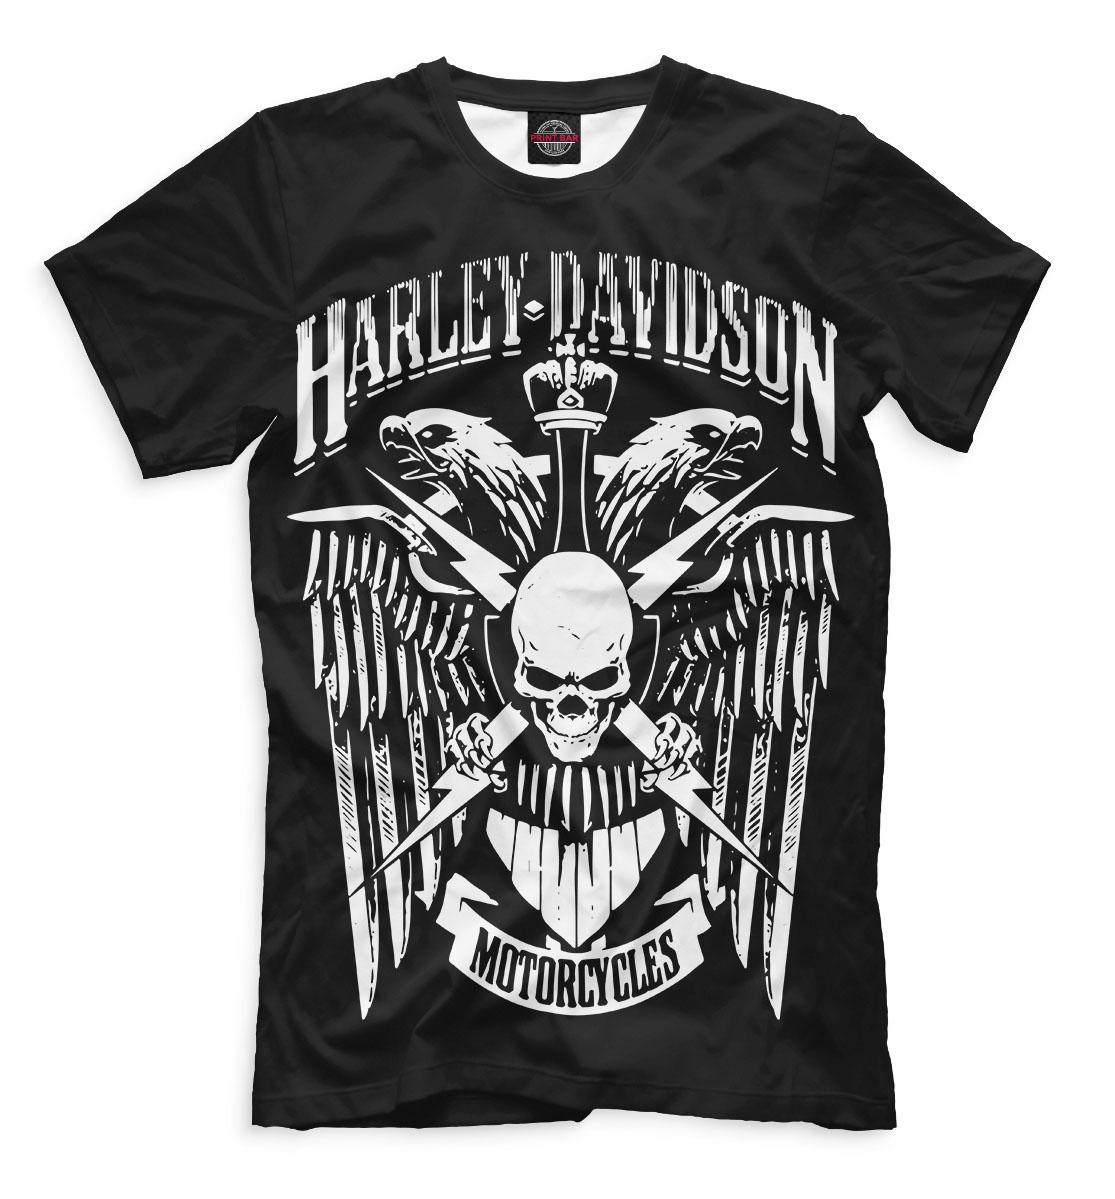 Купить Harley Davidson Motorcycles, Printbar, Футболки, MTR-575884-fut-2